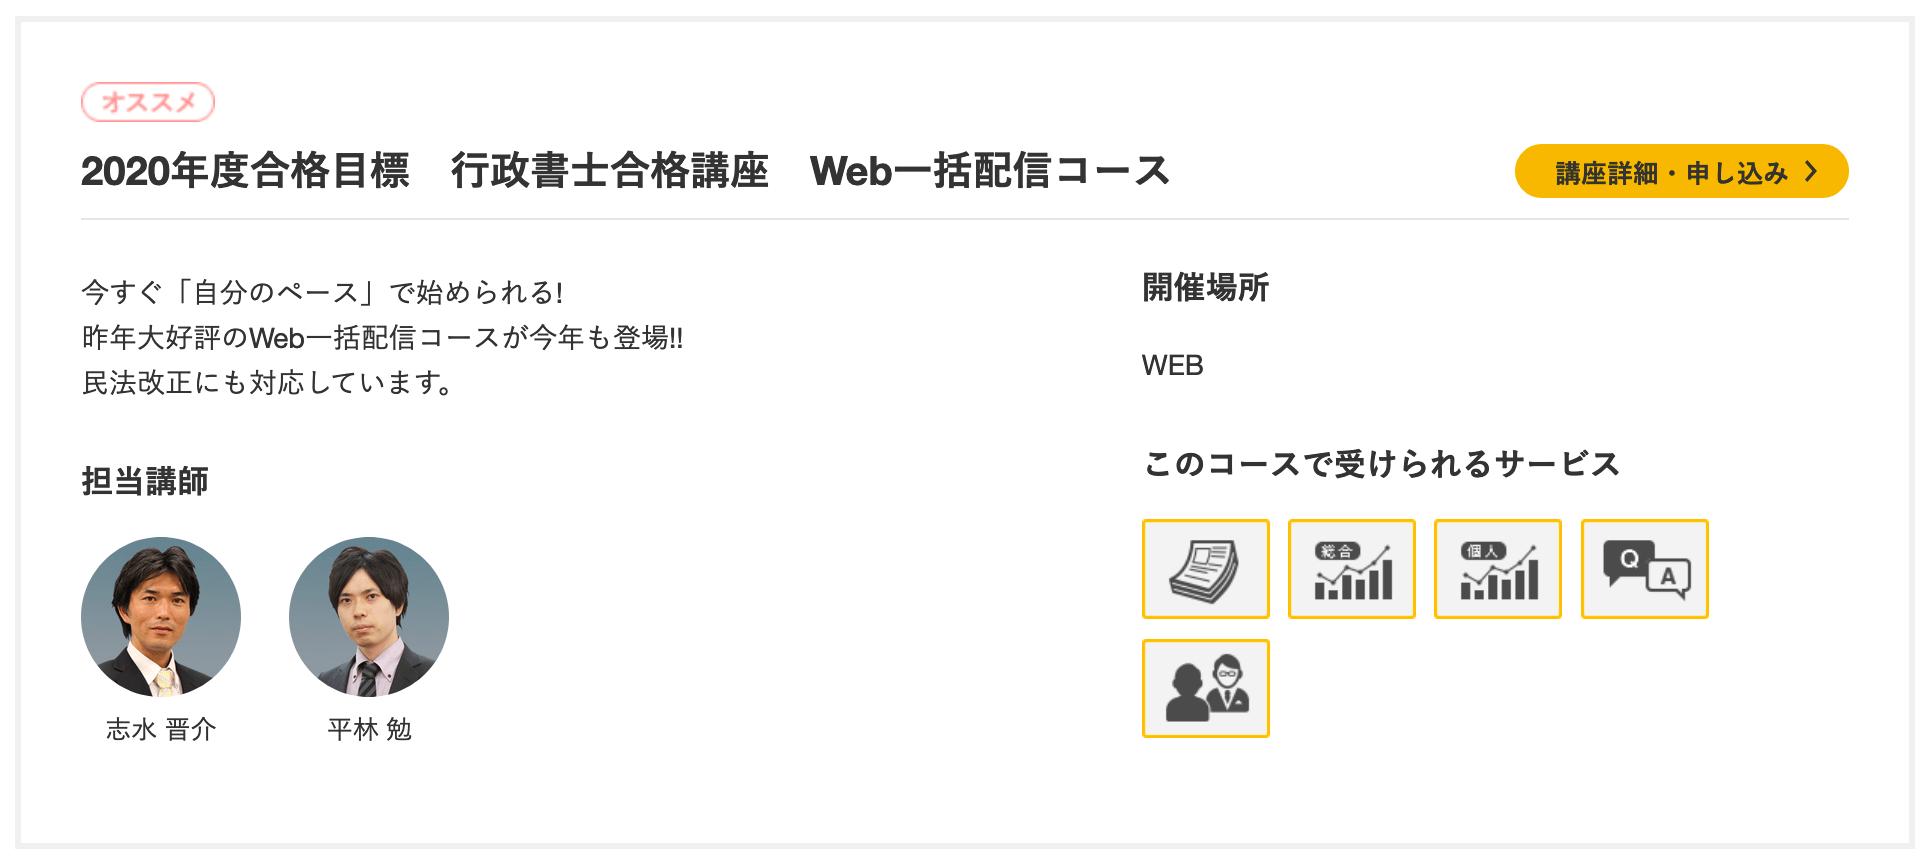 伊藤塾 web一括